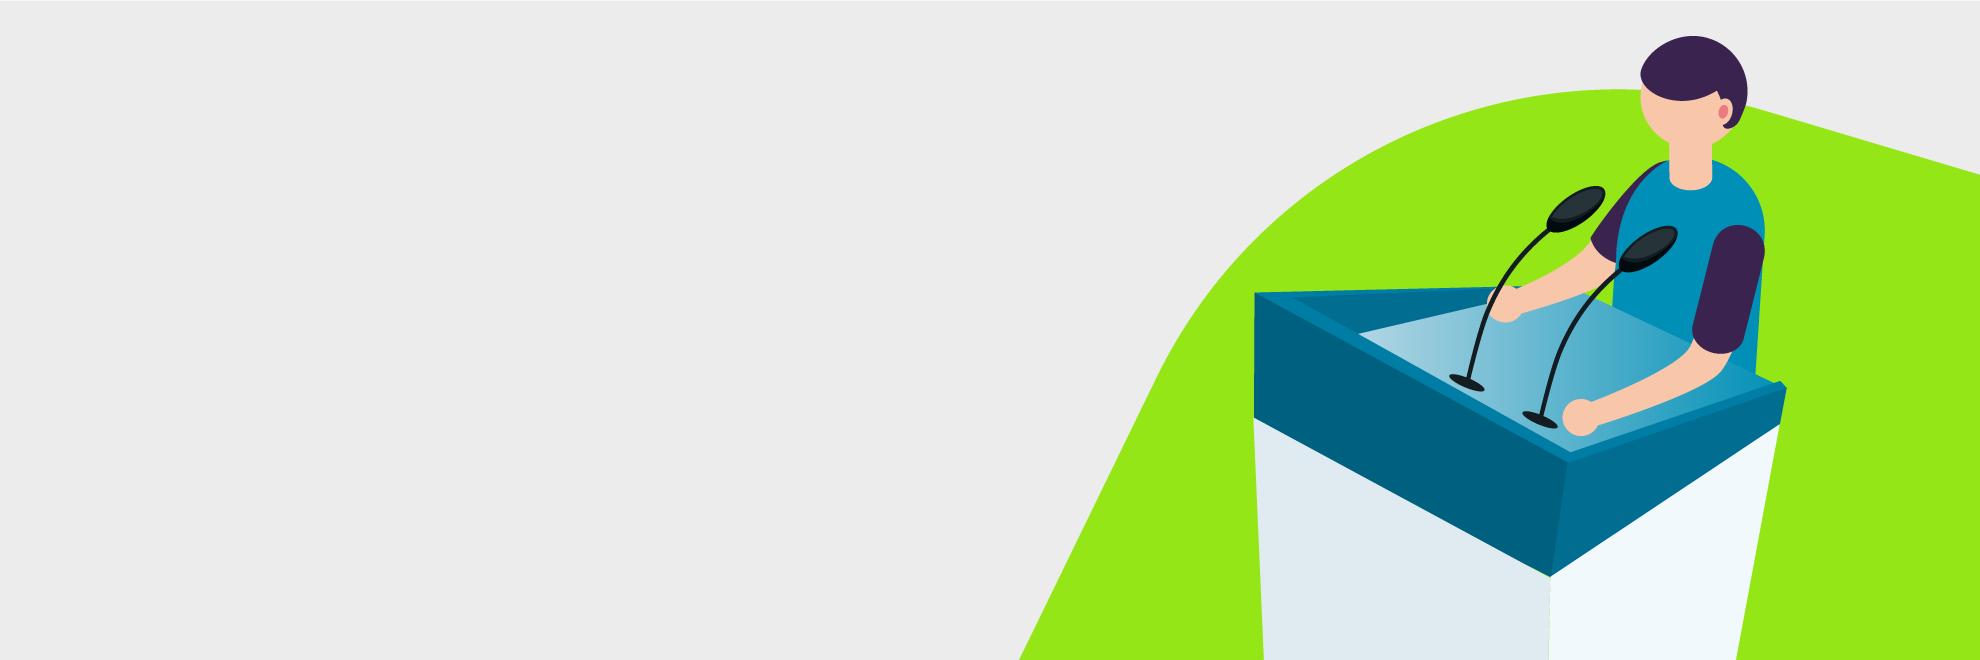 Die Sogeti führt im April Online-Zertifizierungskurse garantiert durch: 19.04.-22.04.2021, ISTQB Certified